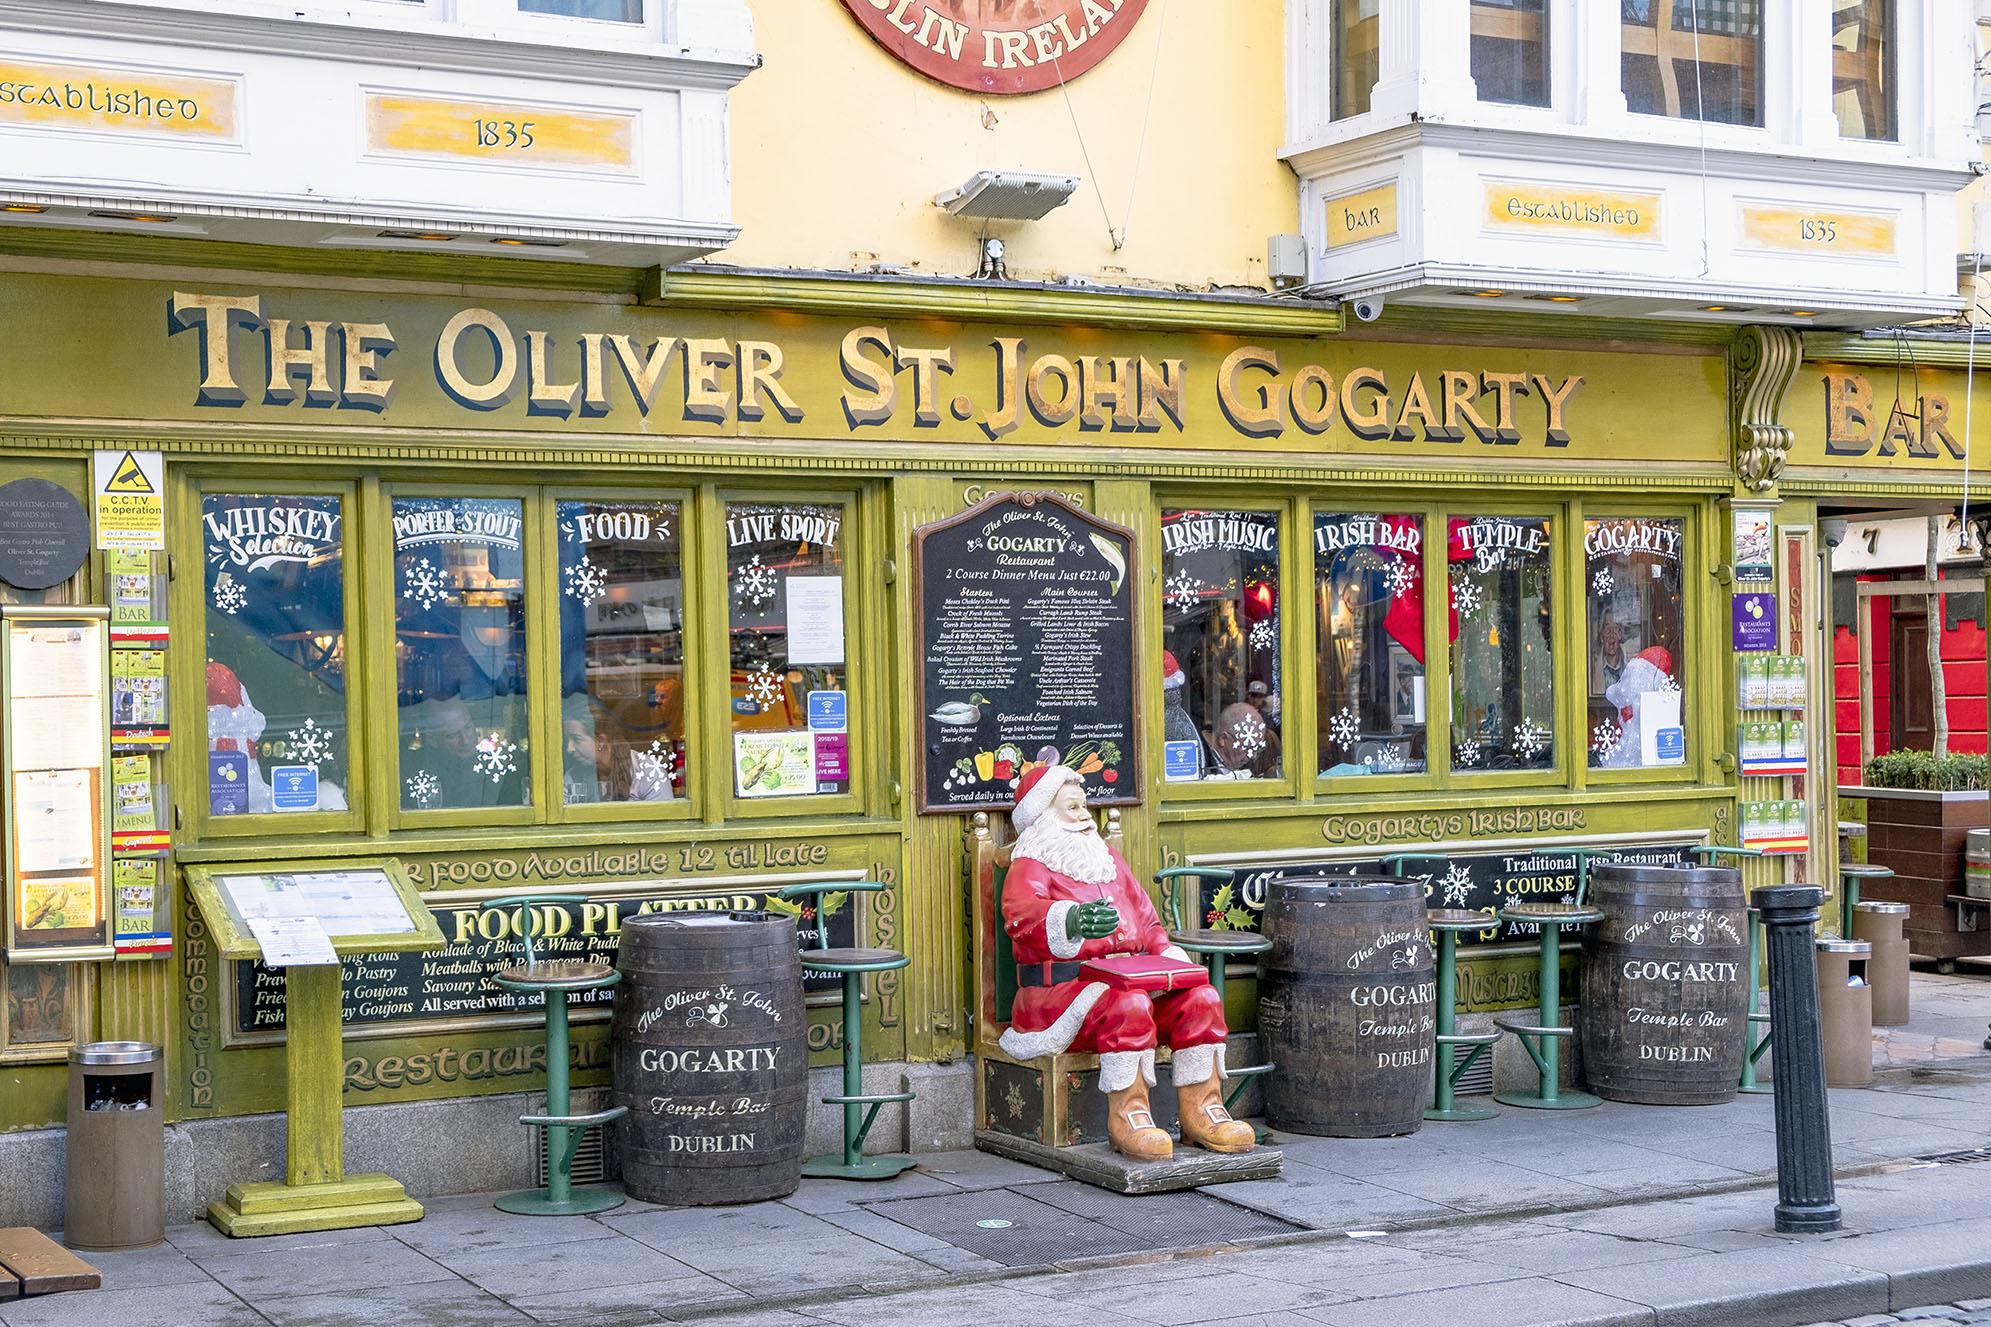 The Oliver St John Gogarty Dublin